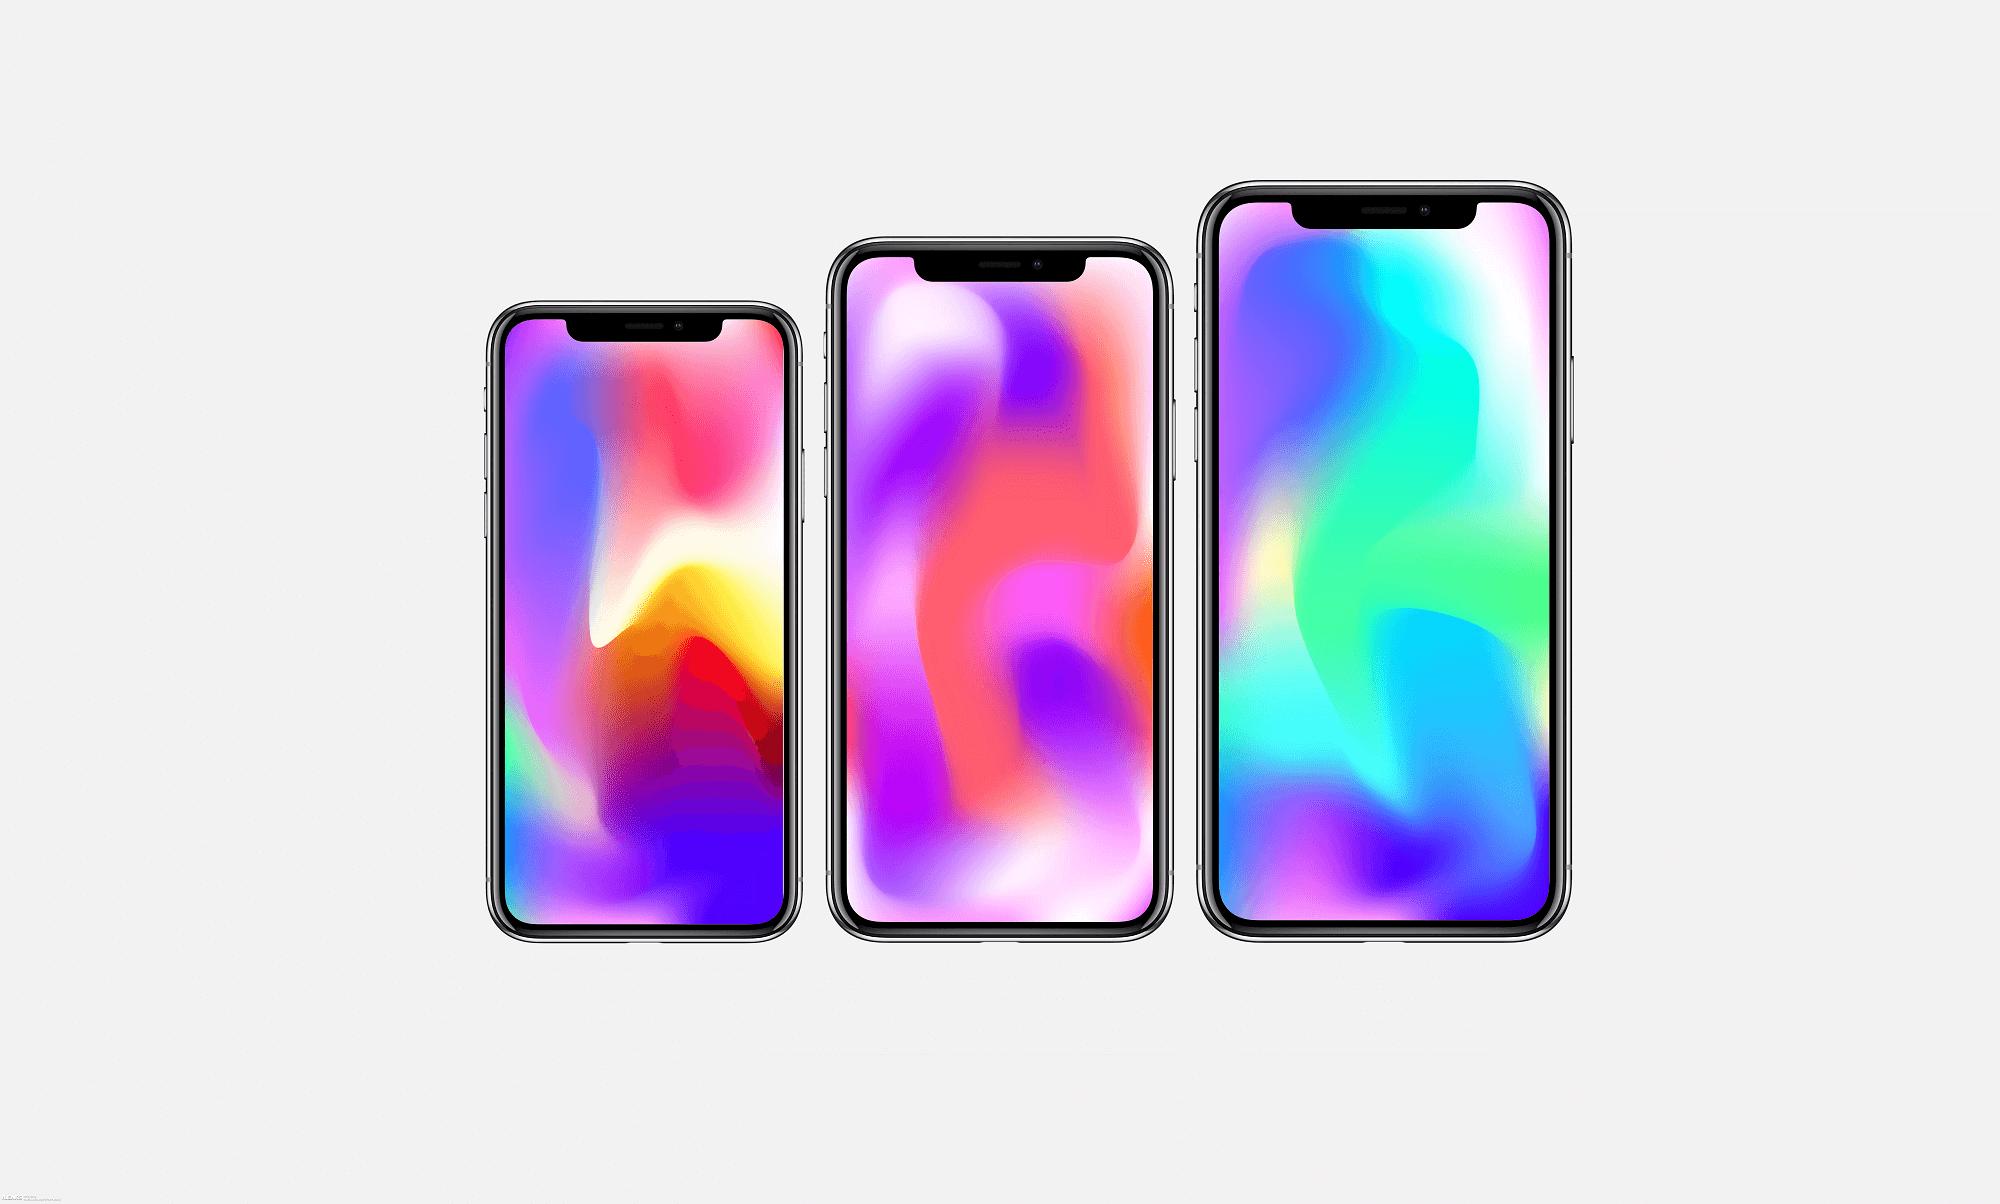 Sem título 3 - iPhone XS chega em 12 de setembro; confira o que já sabemos sobre ele